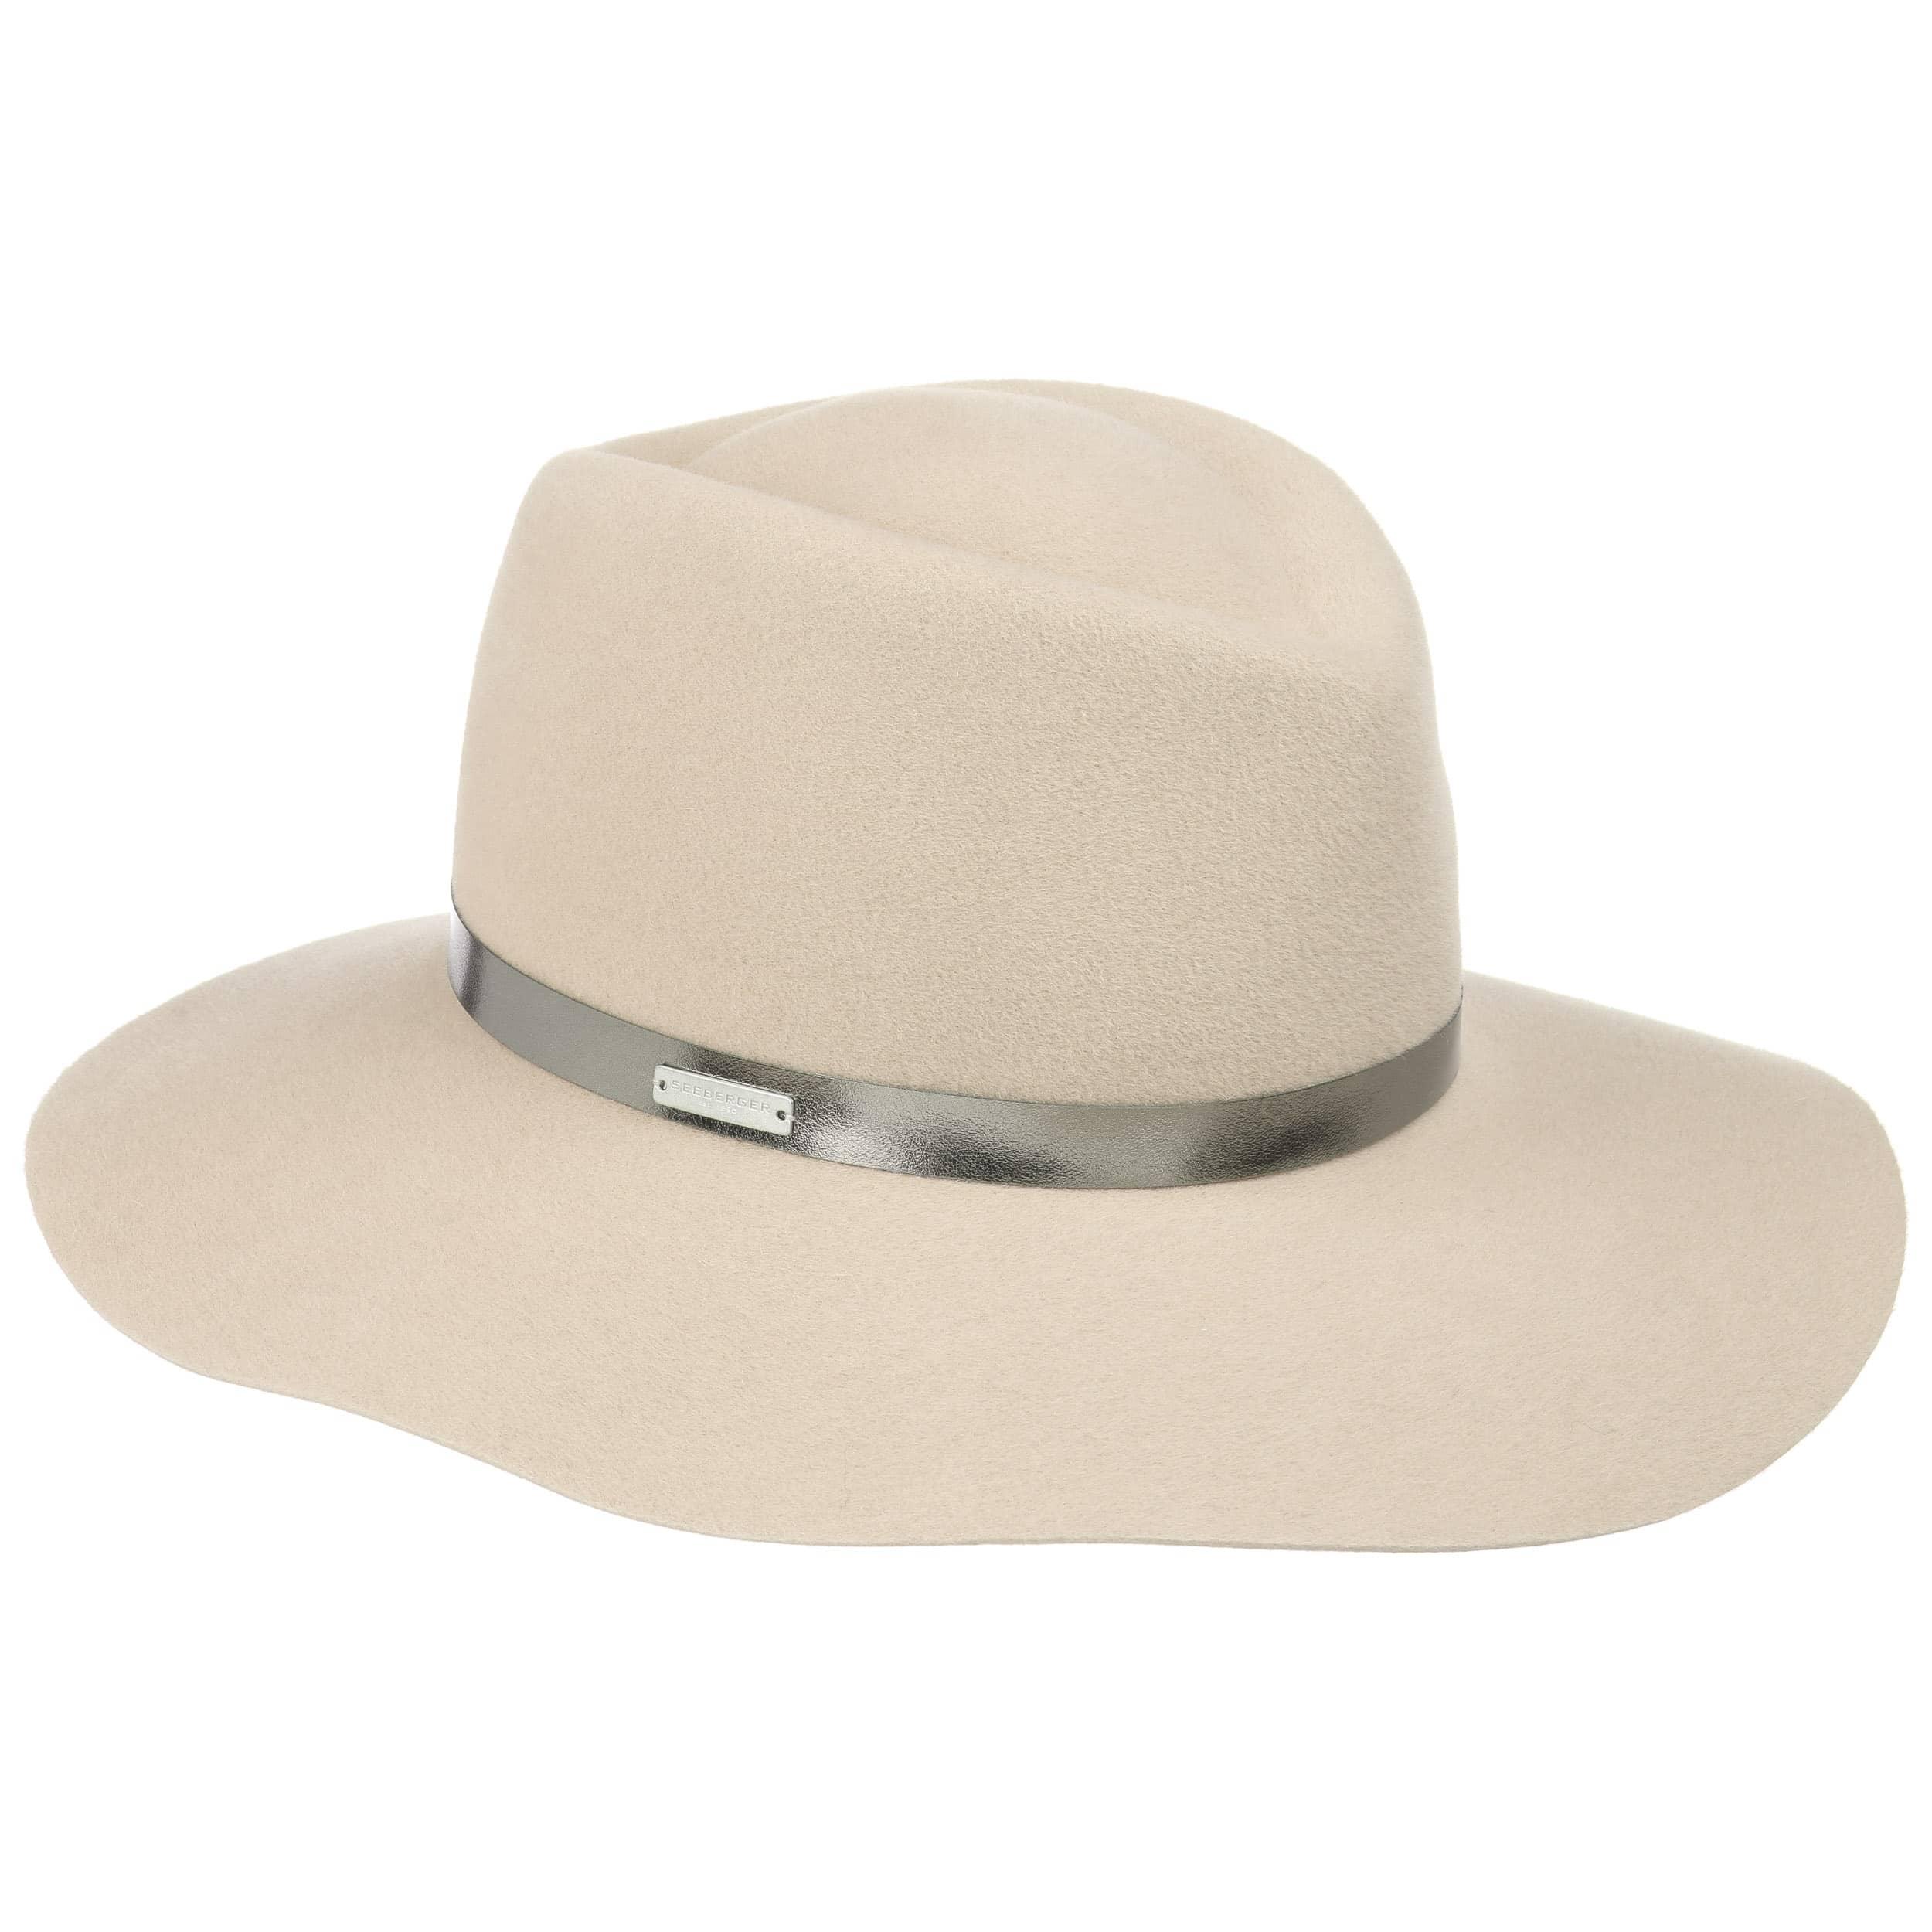 Sombrero de Fieltro de Pelo Velours by Seeberger - Sombreros ...